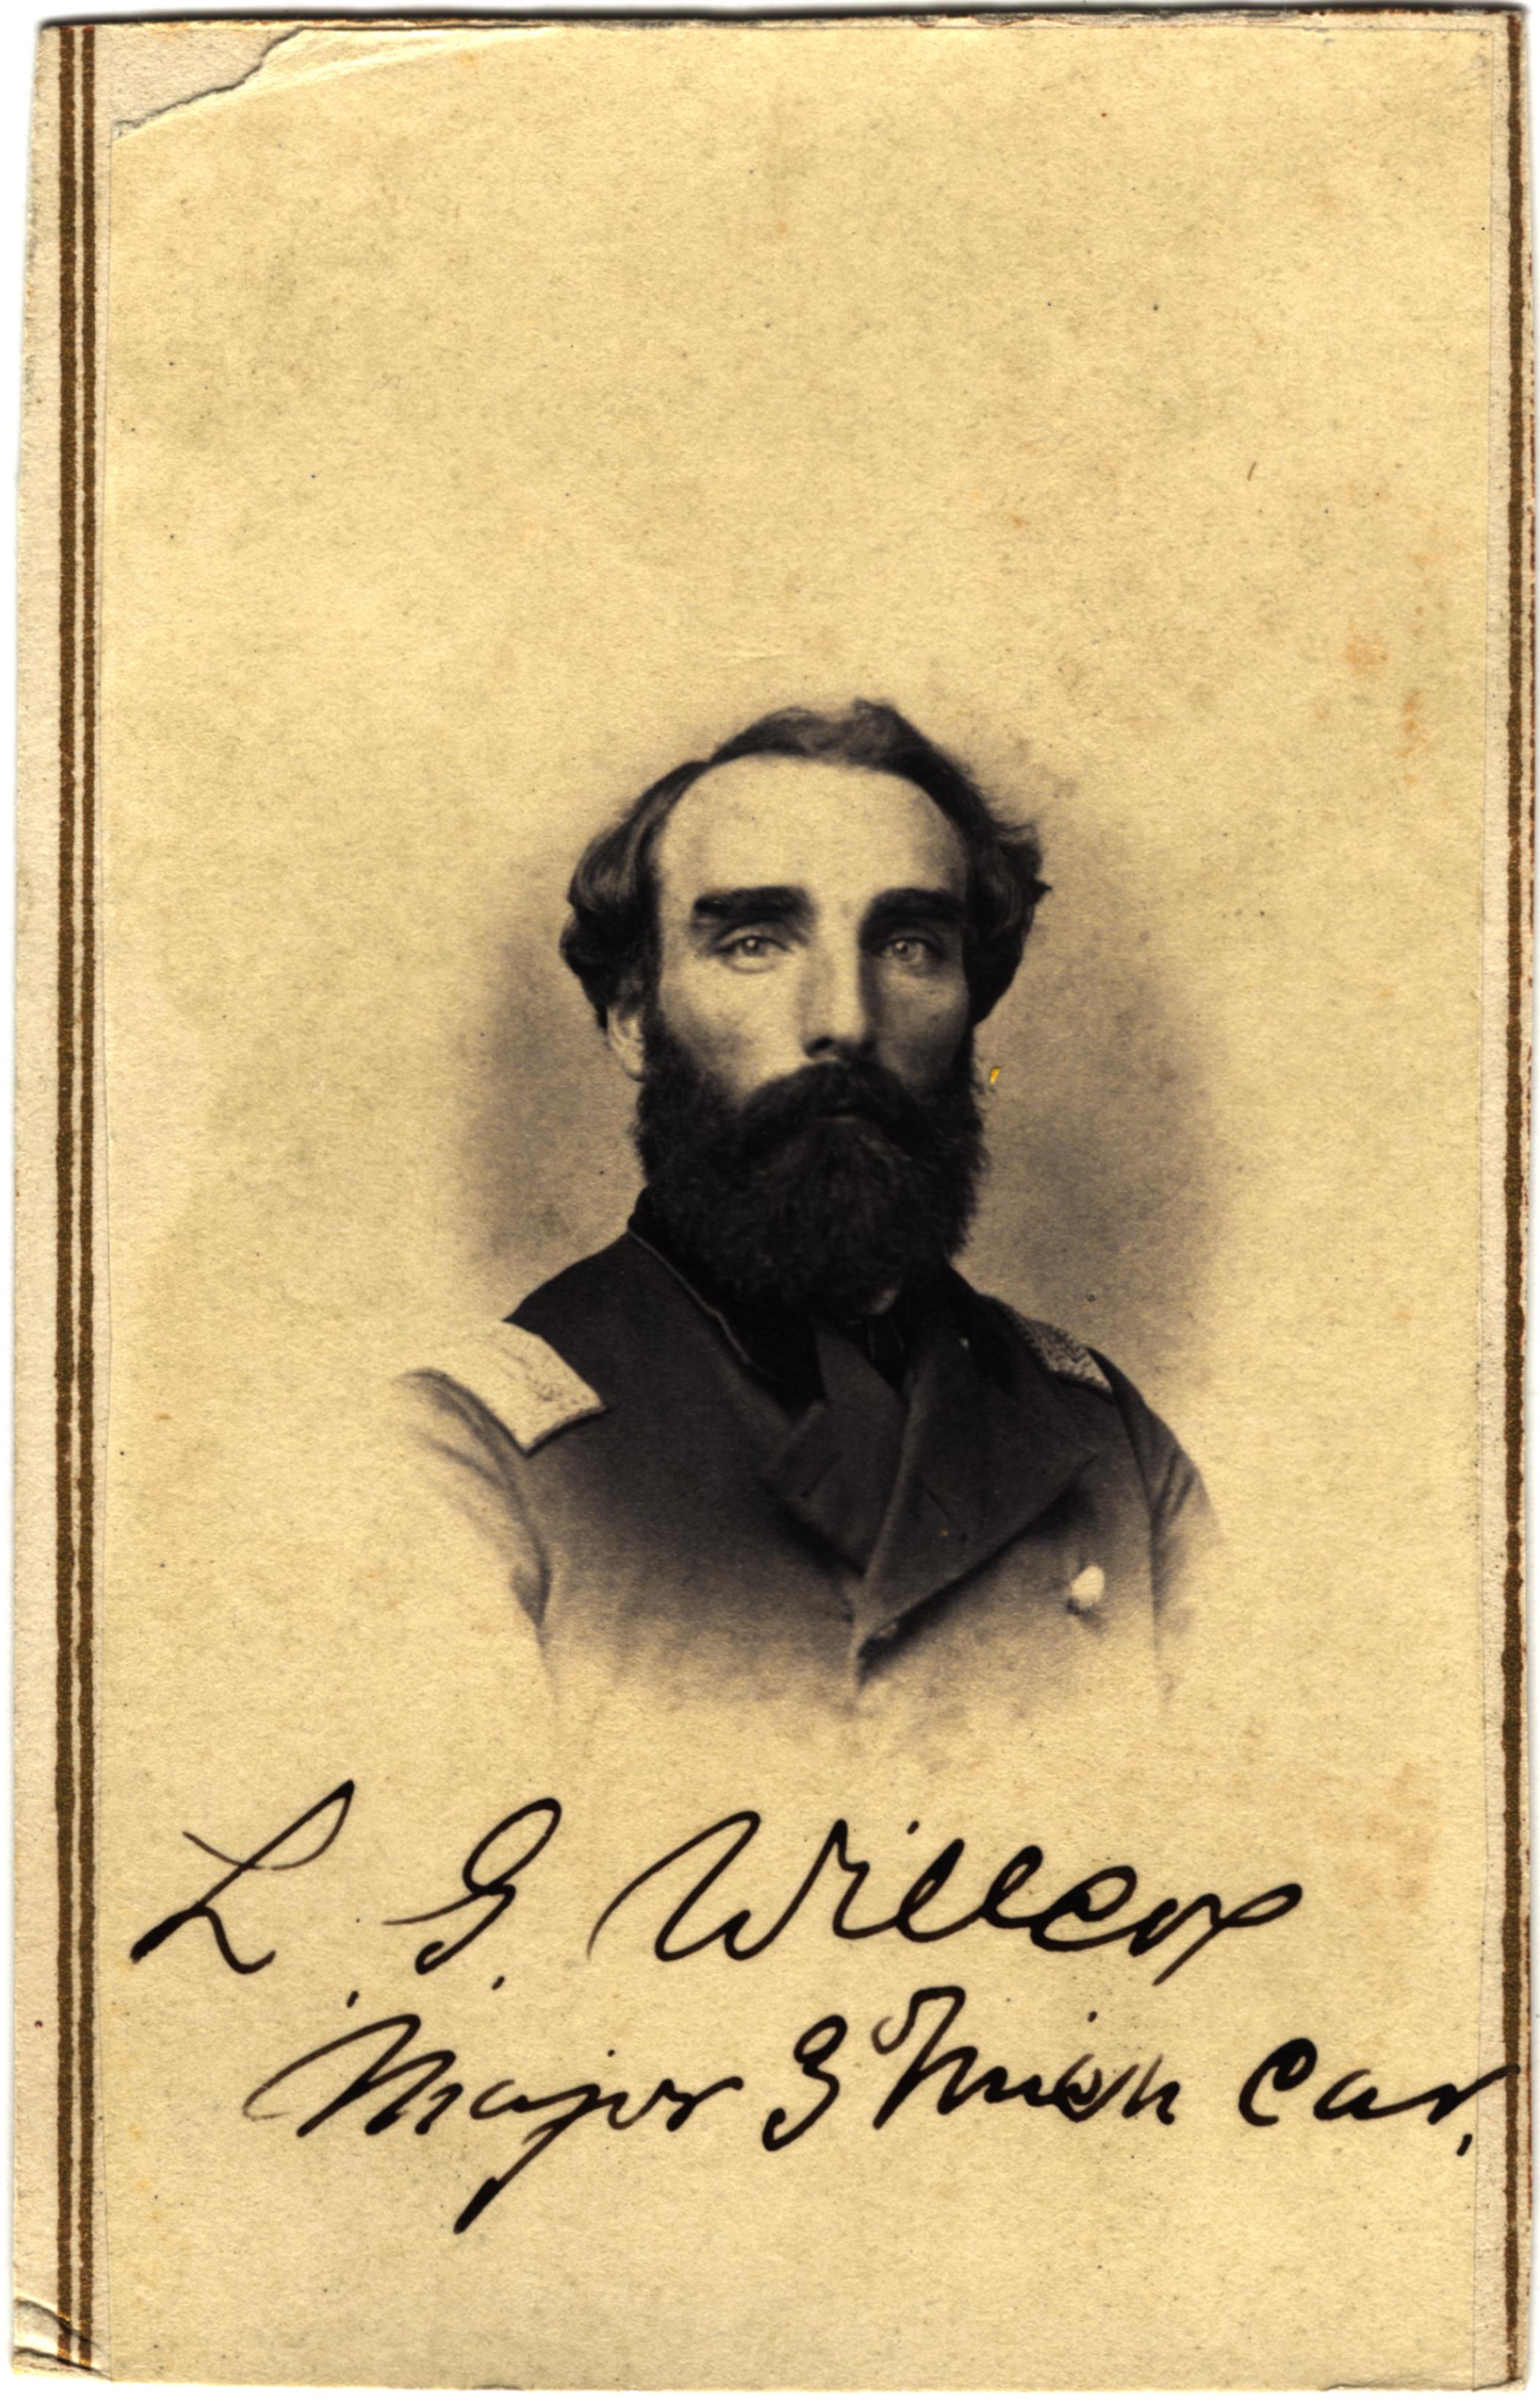 Lyman G. Willcox, circa 1860s